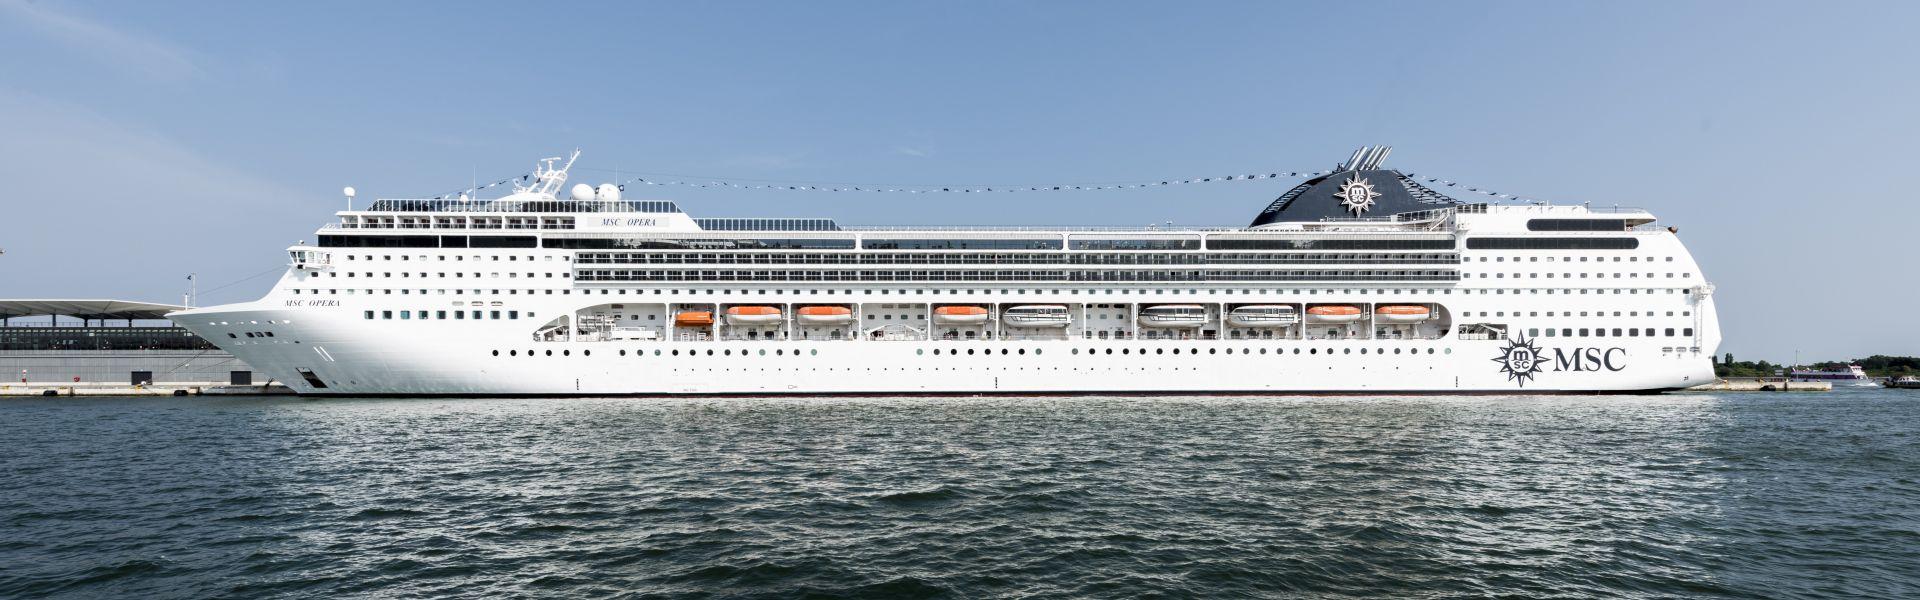 Croaziera 2017 - Caraibe de Vest (Havana) - MSC Cruises - MSC Opera - 7 nopti